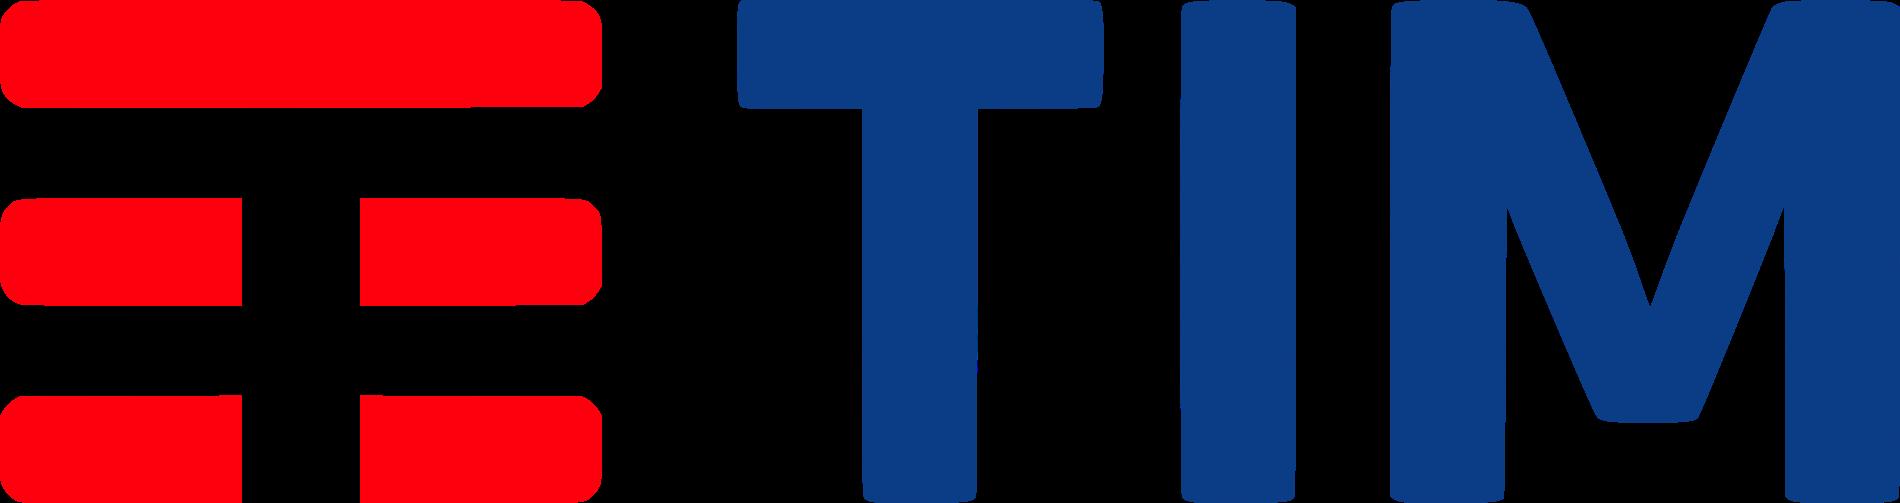 tim logo 8 1 - TIM Logo